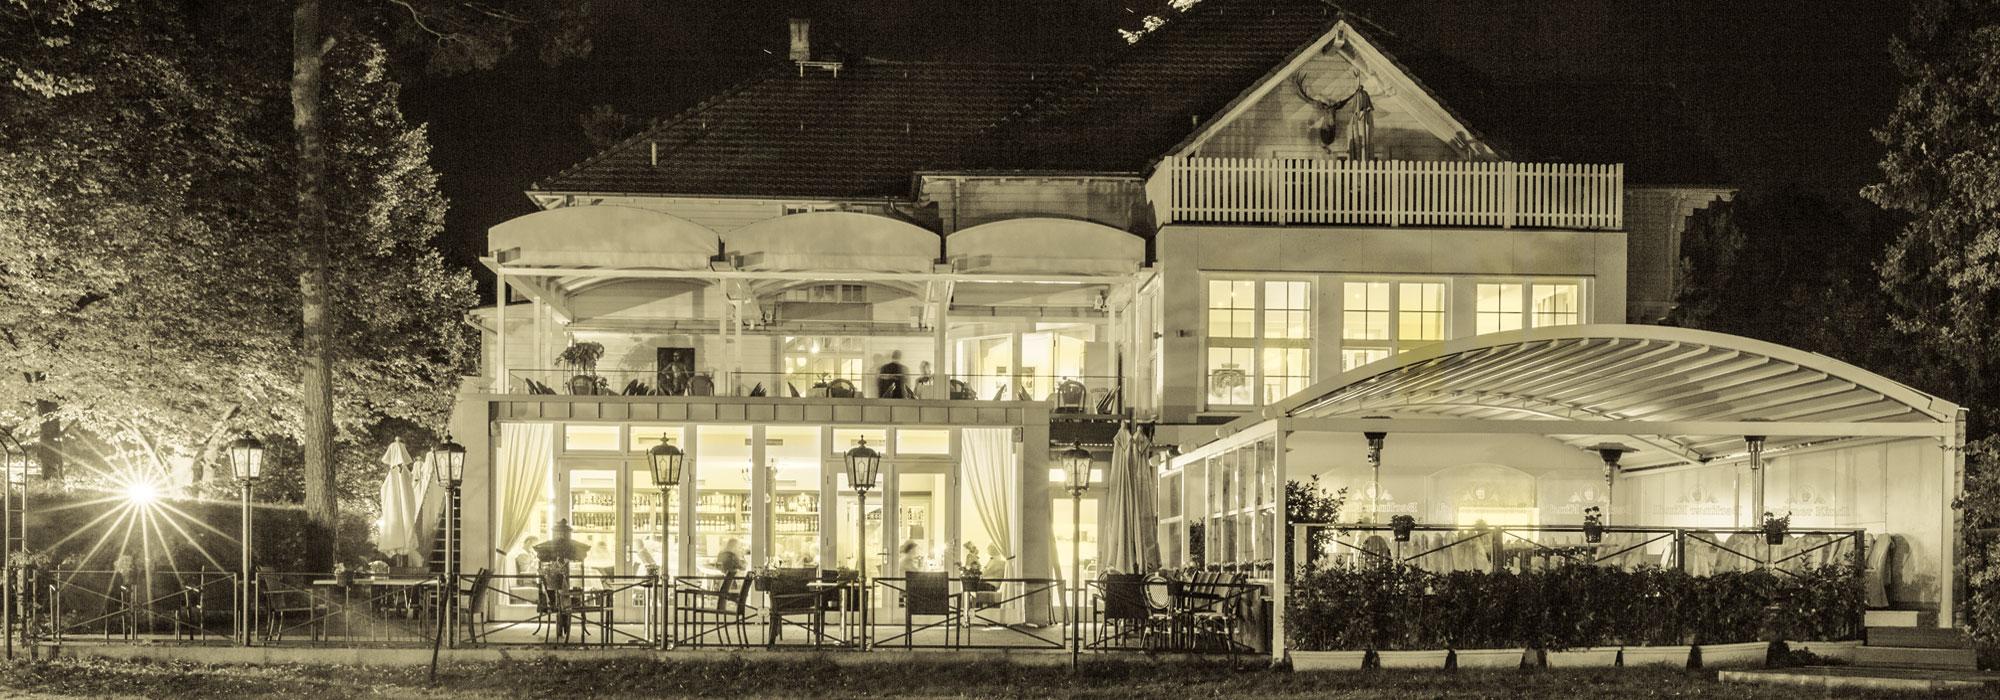 Haus Sanssouci & Ottos Seerestaurant Haus Sanssouci